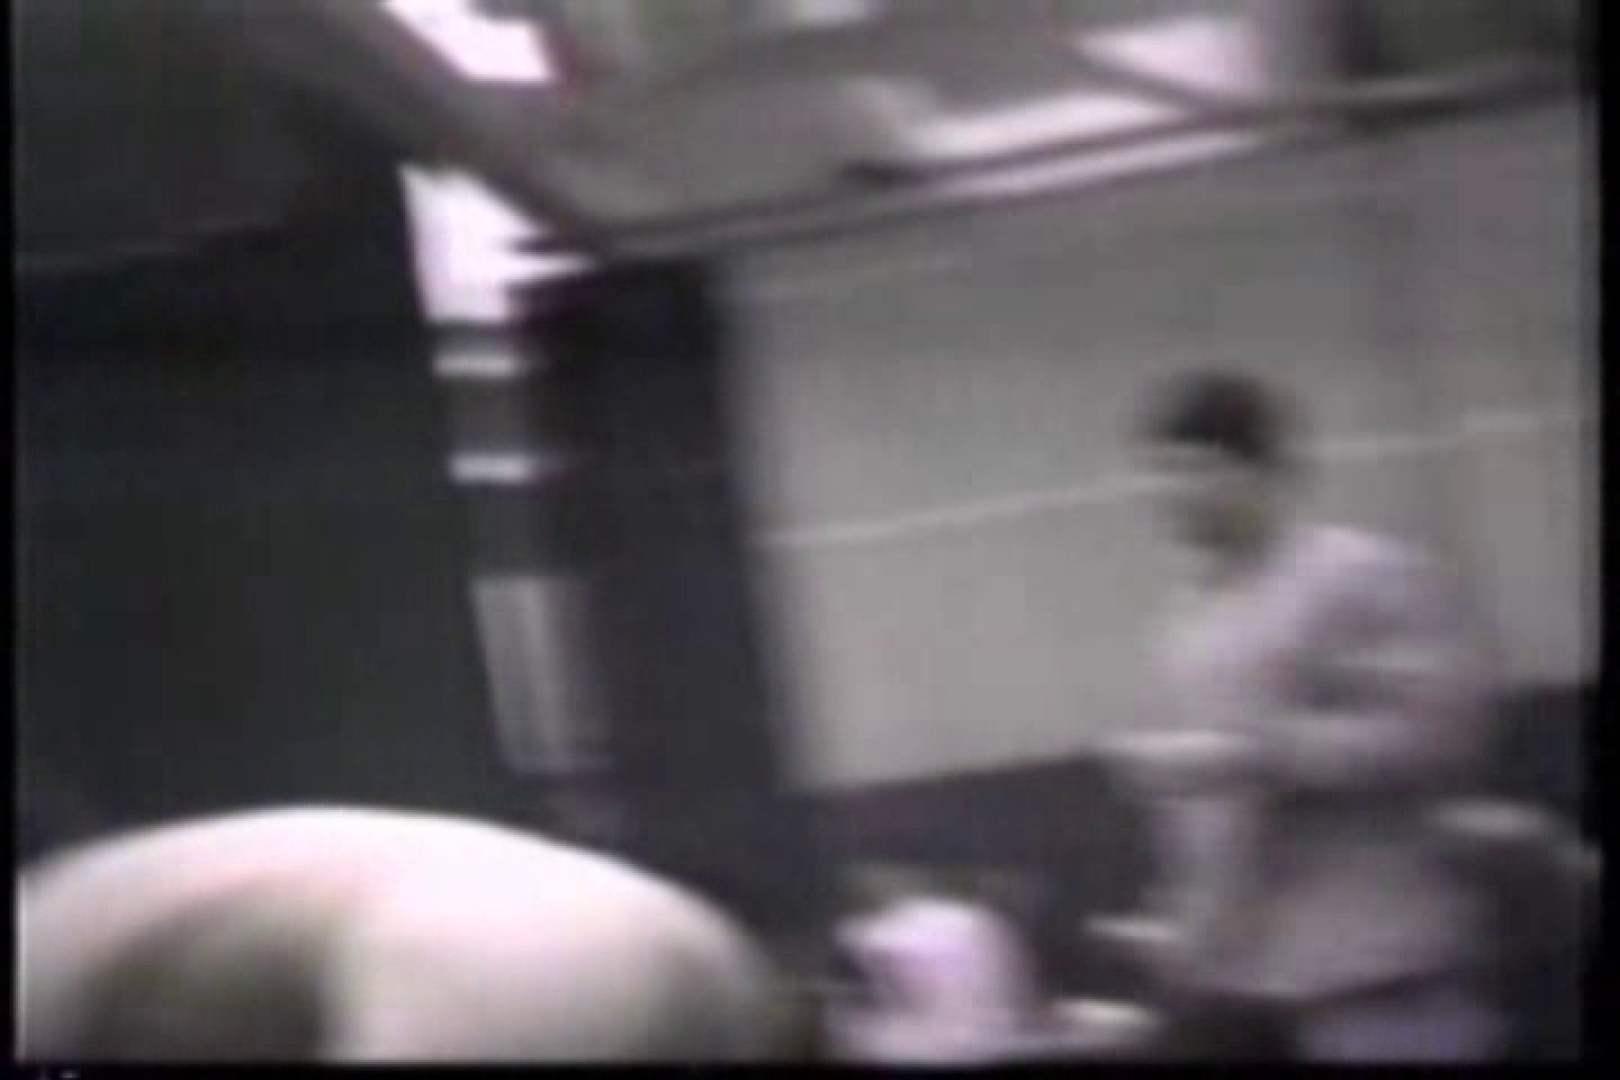 洋人さんの脱衣所を覗いてみました。VOL.6 完全無修正で! ゲイモロ見え画像 8画像 2